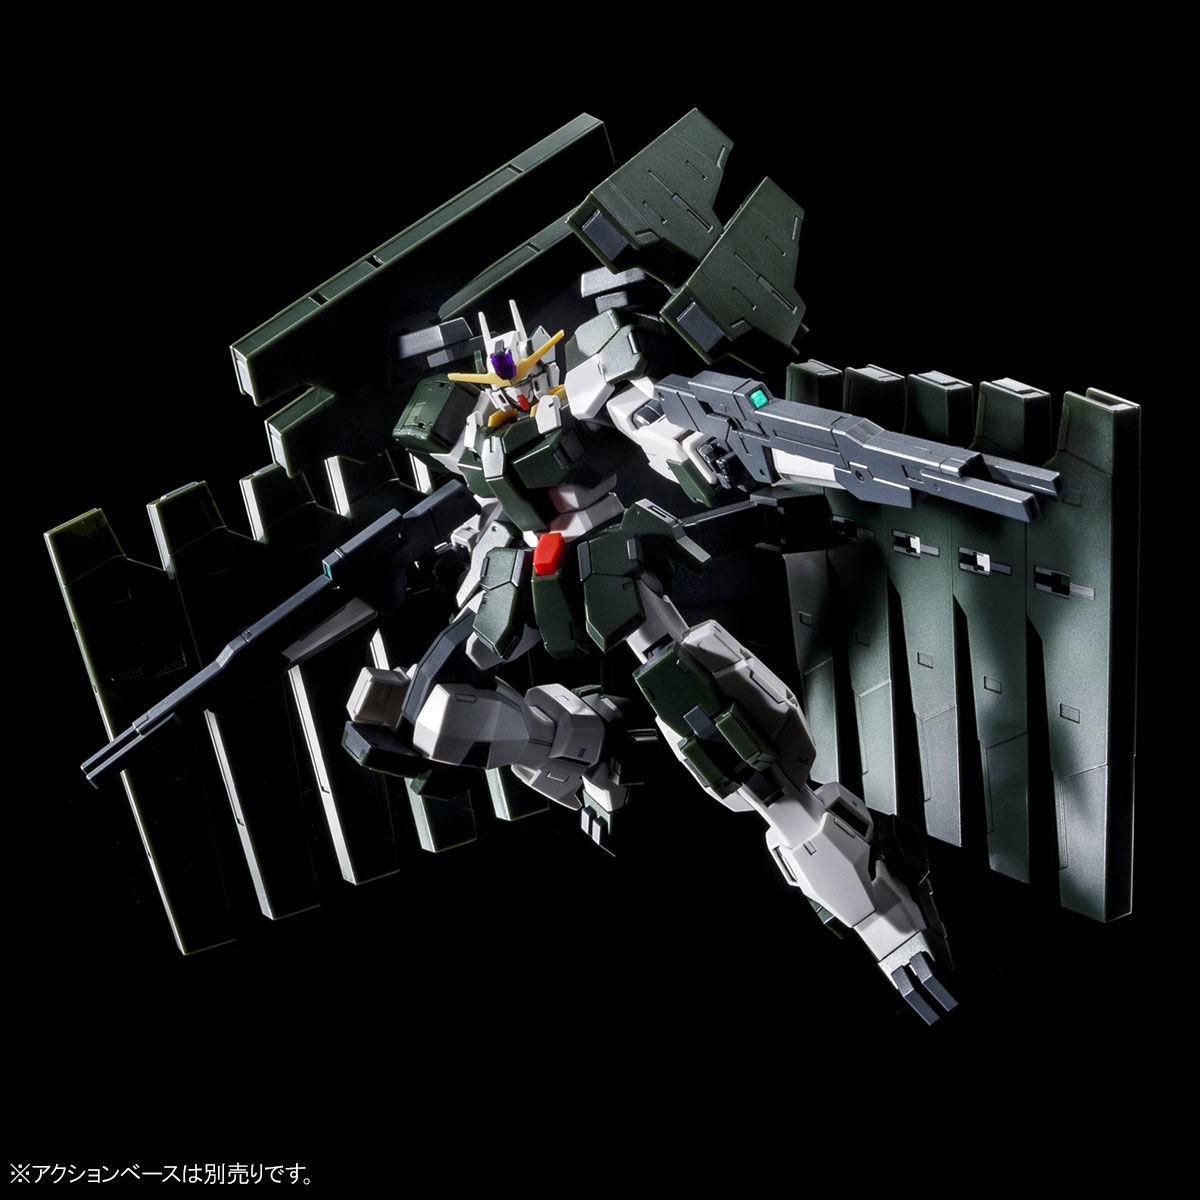 【限定販売】HG 1/144『ガンダムサバーニャ(最終決戦仕様)』ガンダム00 プラモデル-004